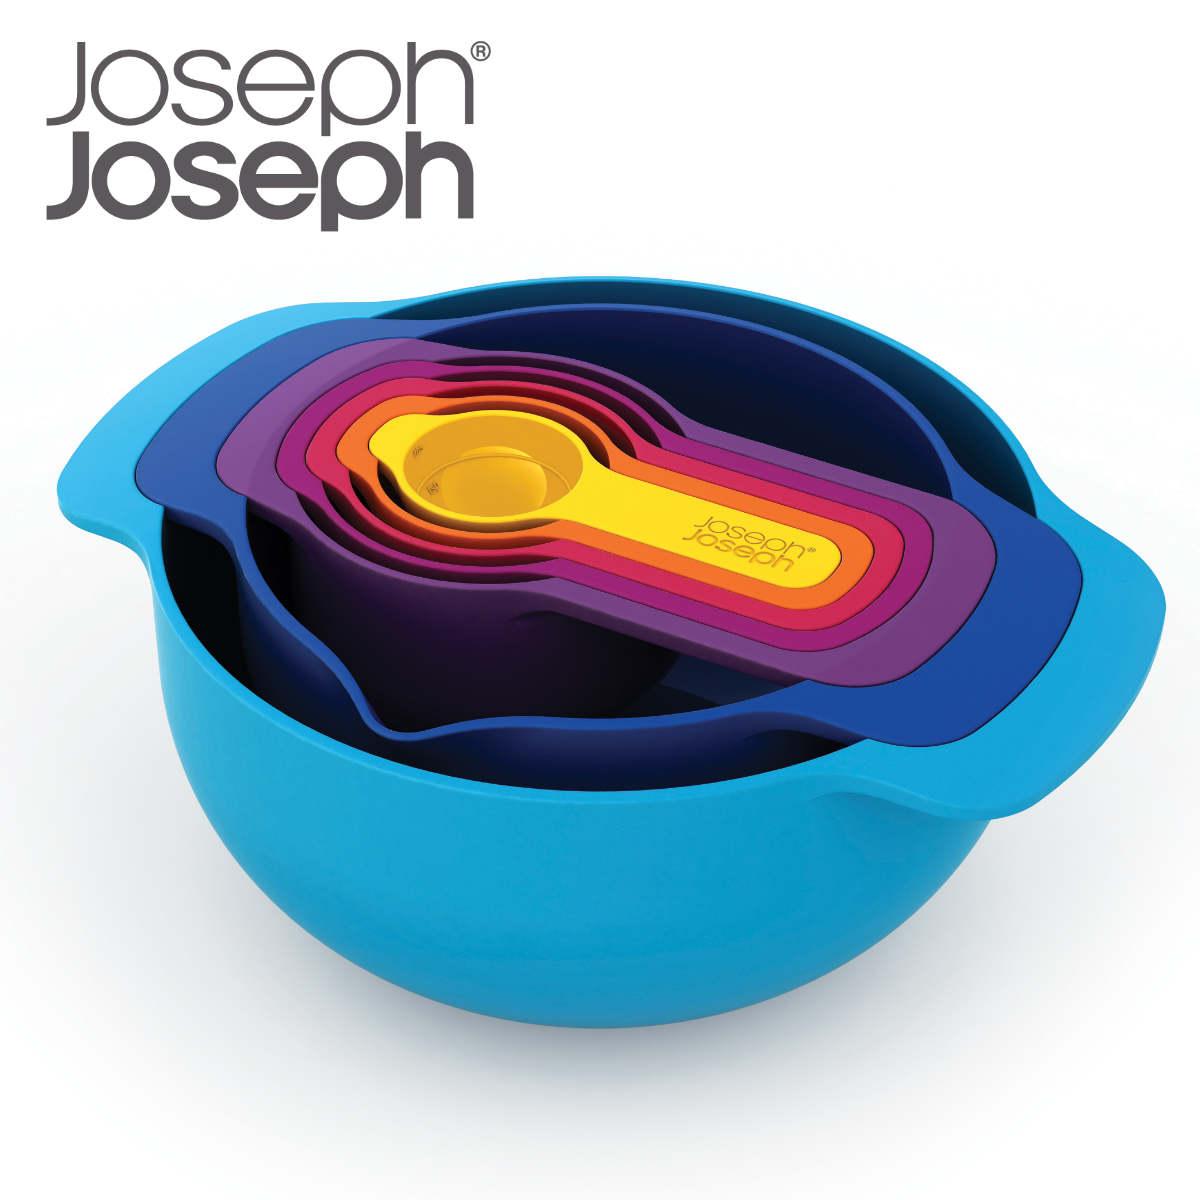 Joseph Joseph ジョゼフジョゼフ NEST7 Plus ネスト7プラス ザル ジョセフジョセフ ( ボウル ) 【5000円以上送料無料】